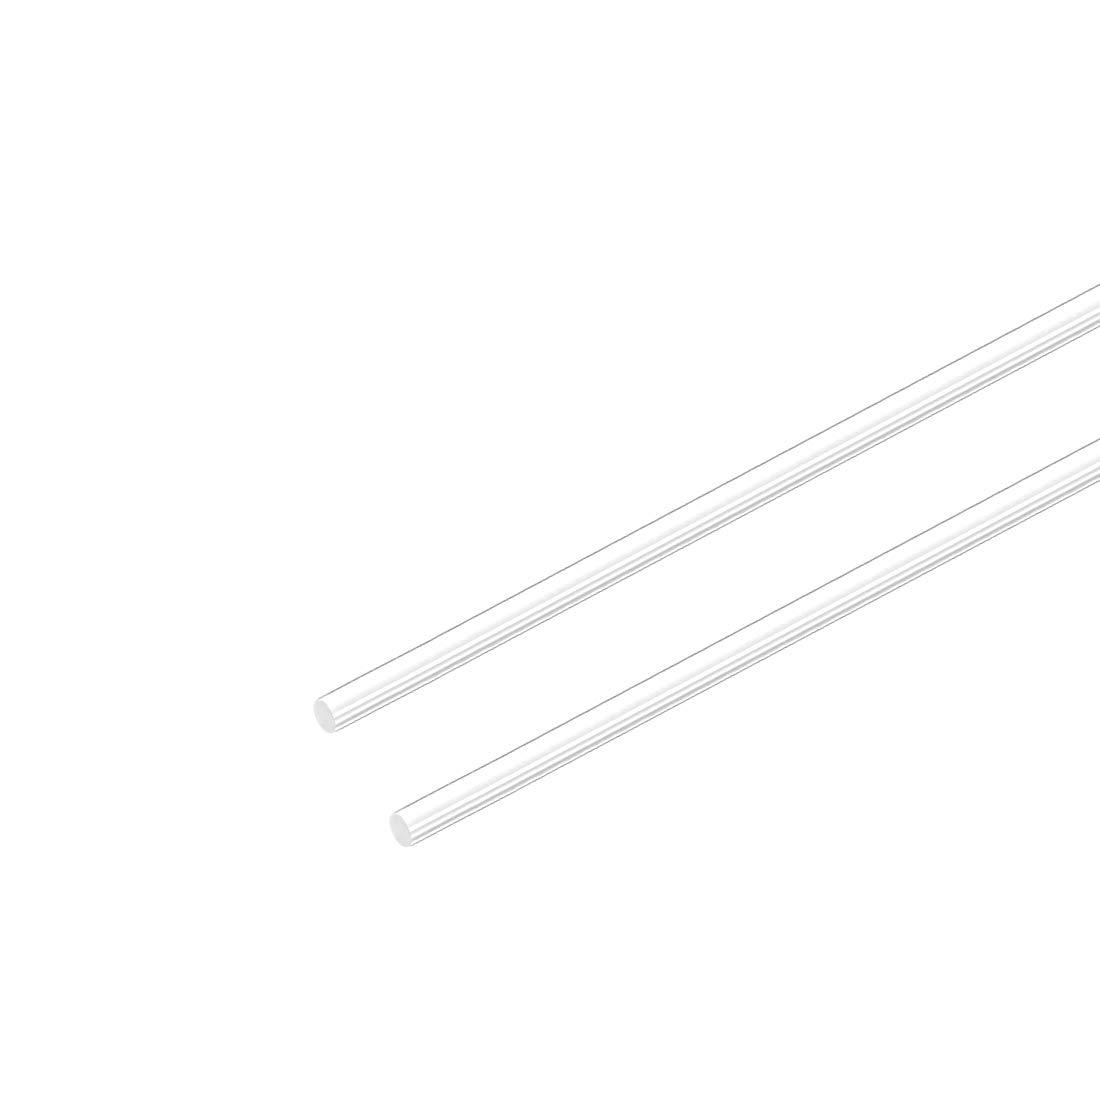 Sourcing Map 2mm Diam x 20 Acrilico Lunghezza Asta Rotonda,Acrilico Trasparente Aste Plexiglass Barre Pmma